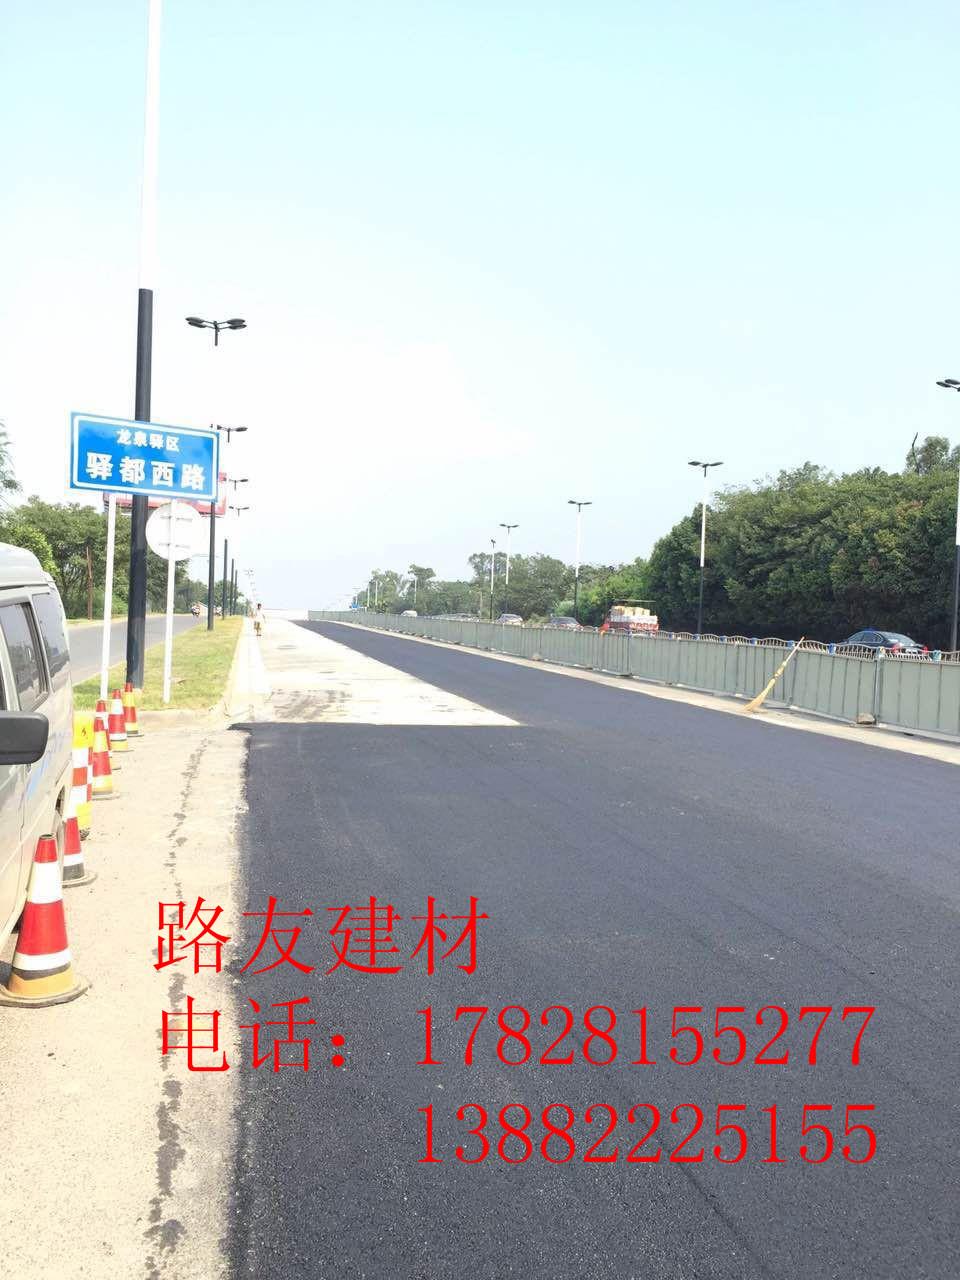 高速公路施工 高速公路沥青路面施工